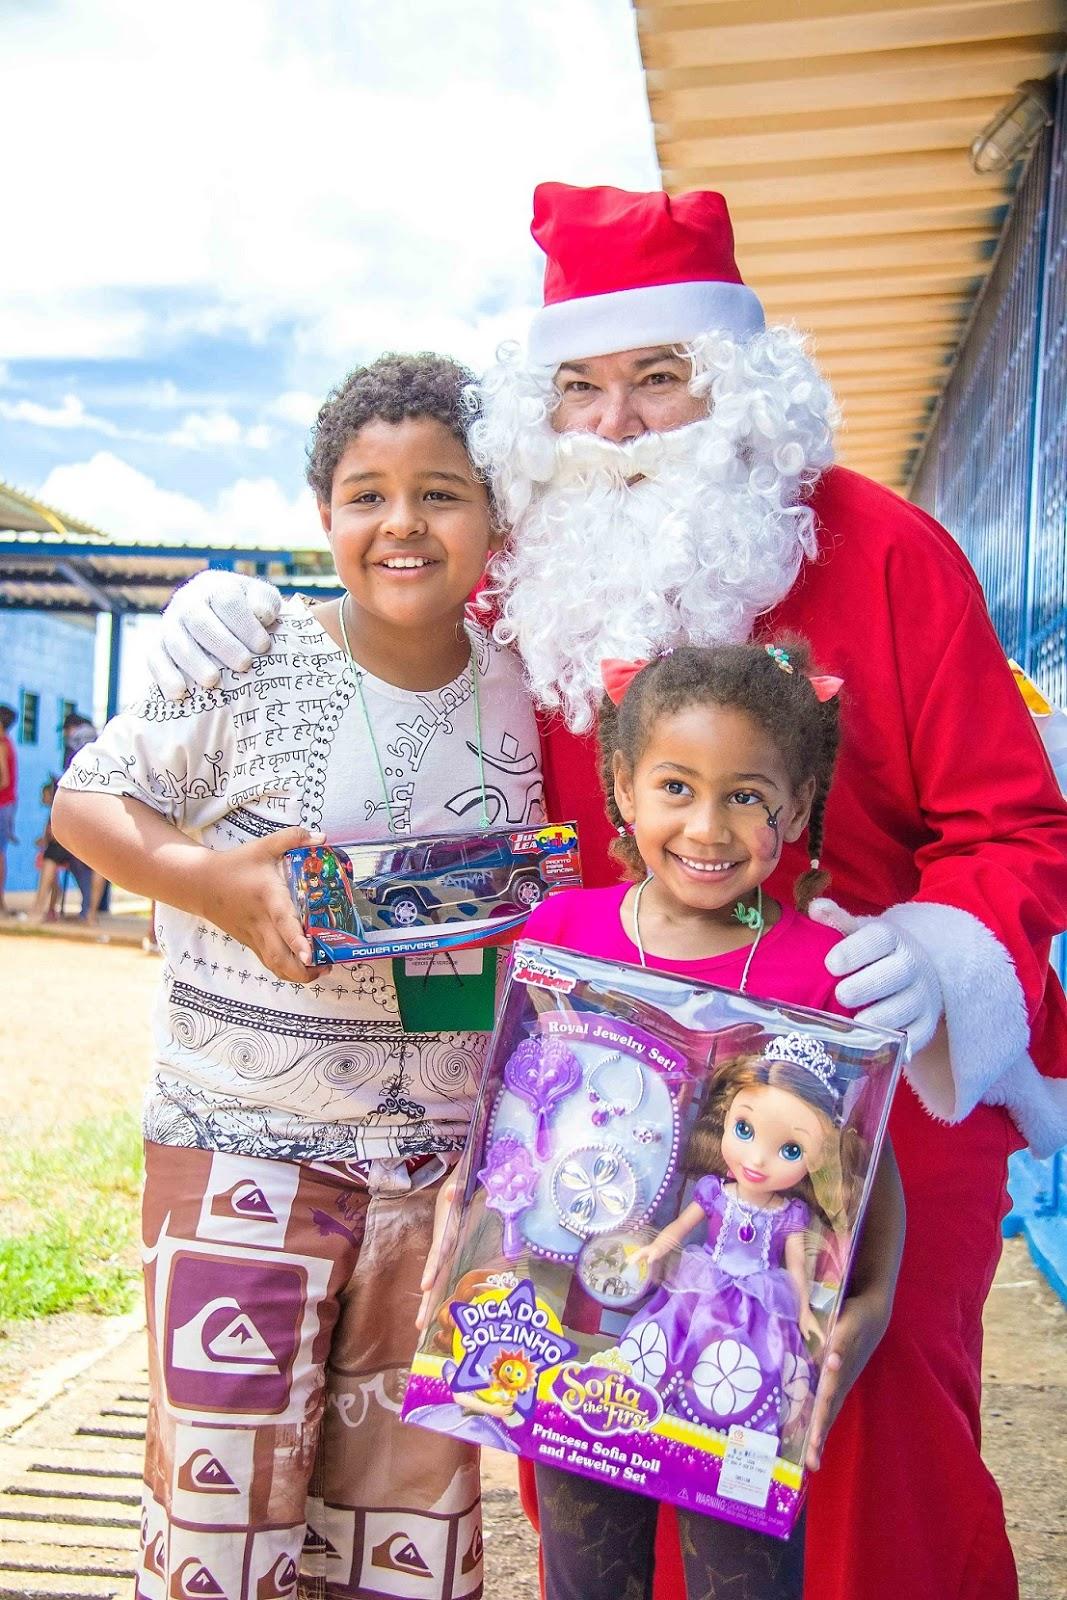 Palhaços, cartinhas e apresentação exclusiva na Caixa Cultural marcam o Natal Solidário